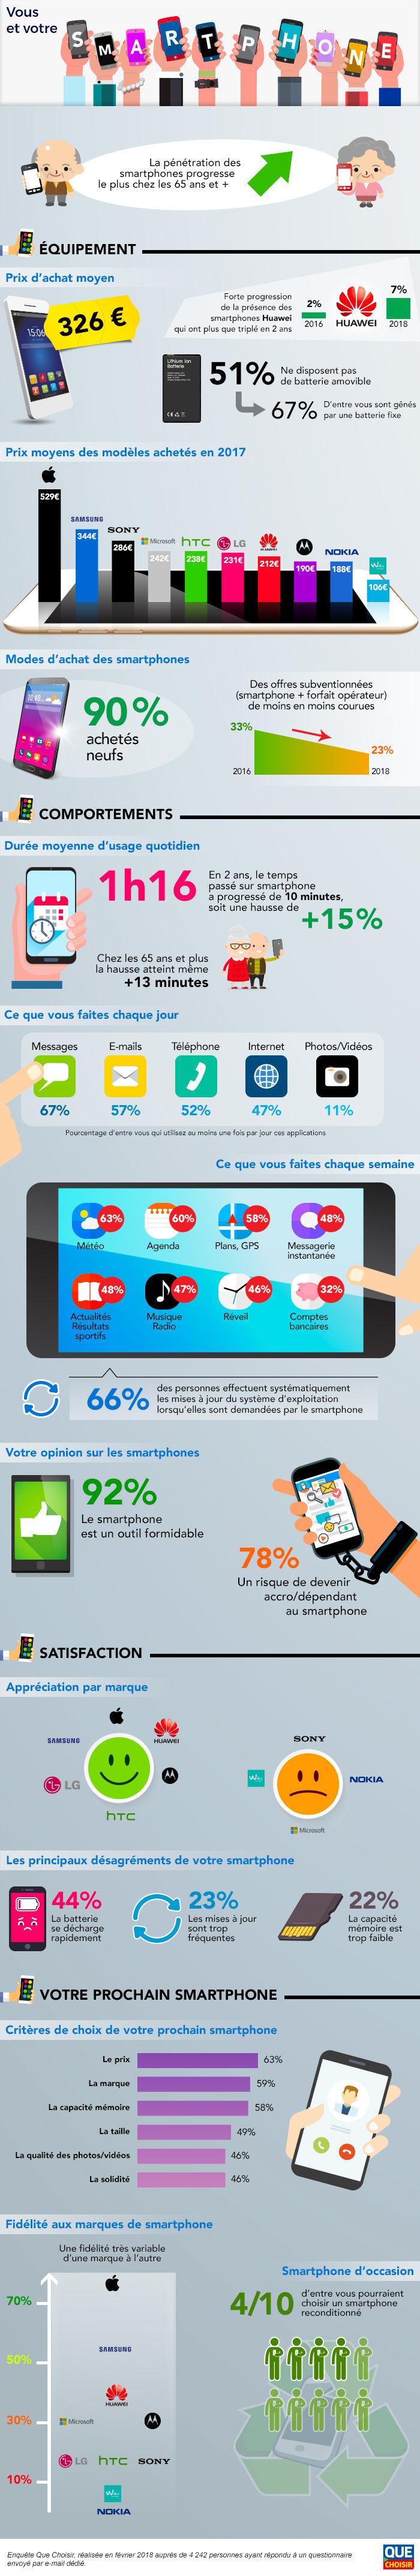 Infographie UFC Que Choisir Marche Francais Smartphone - Les Français dépensent en moyenne 326€ pour un smartphone